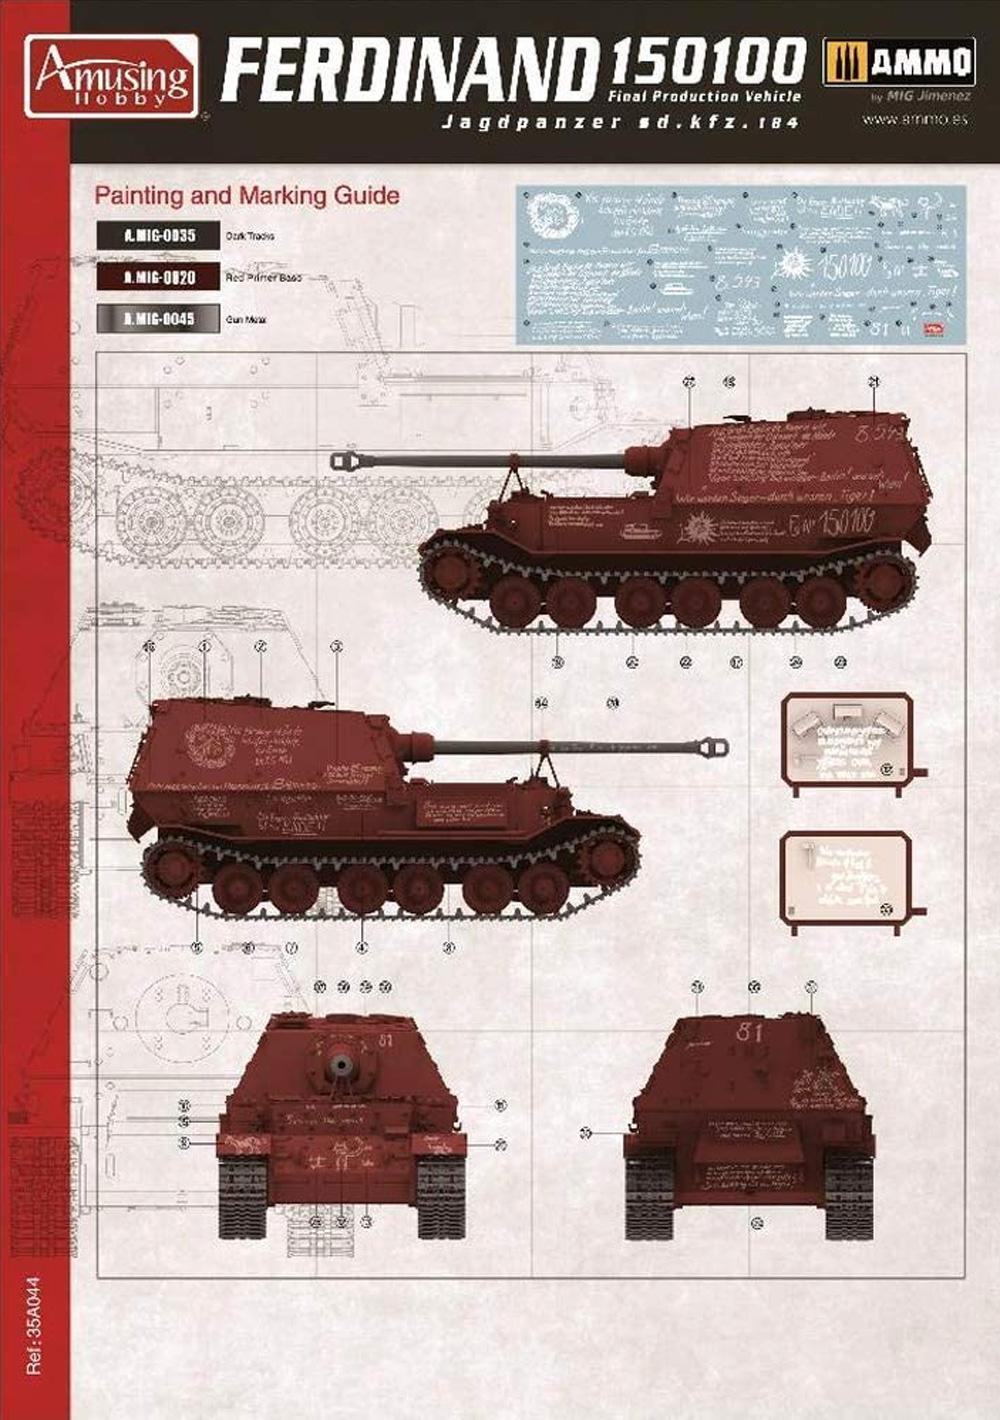 ドイツ 重駆逐戦車 フェルディナント 150100号 最終生産車輛プラモデル(アミュージングホビー1/35 ミリタリーNo.35A044)商品画像_2